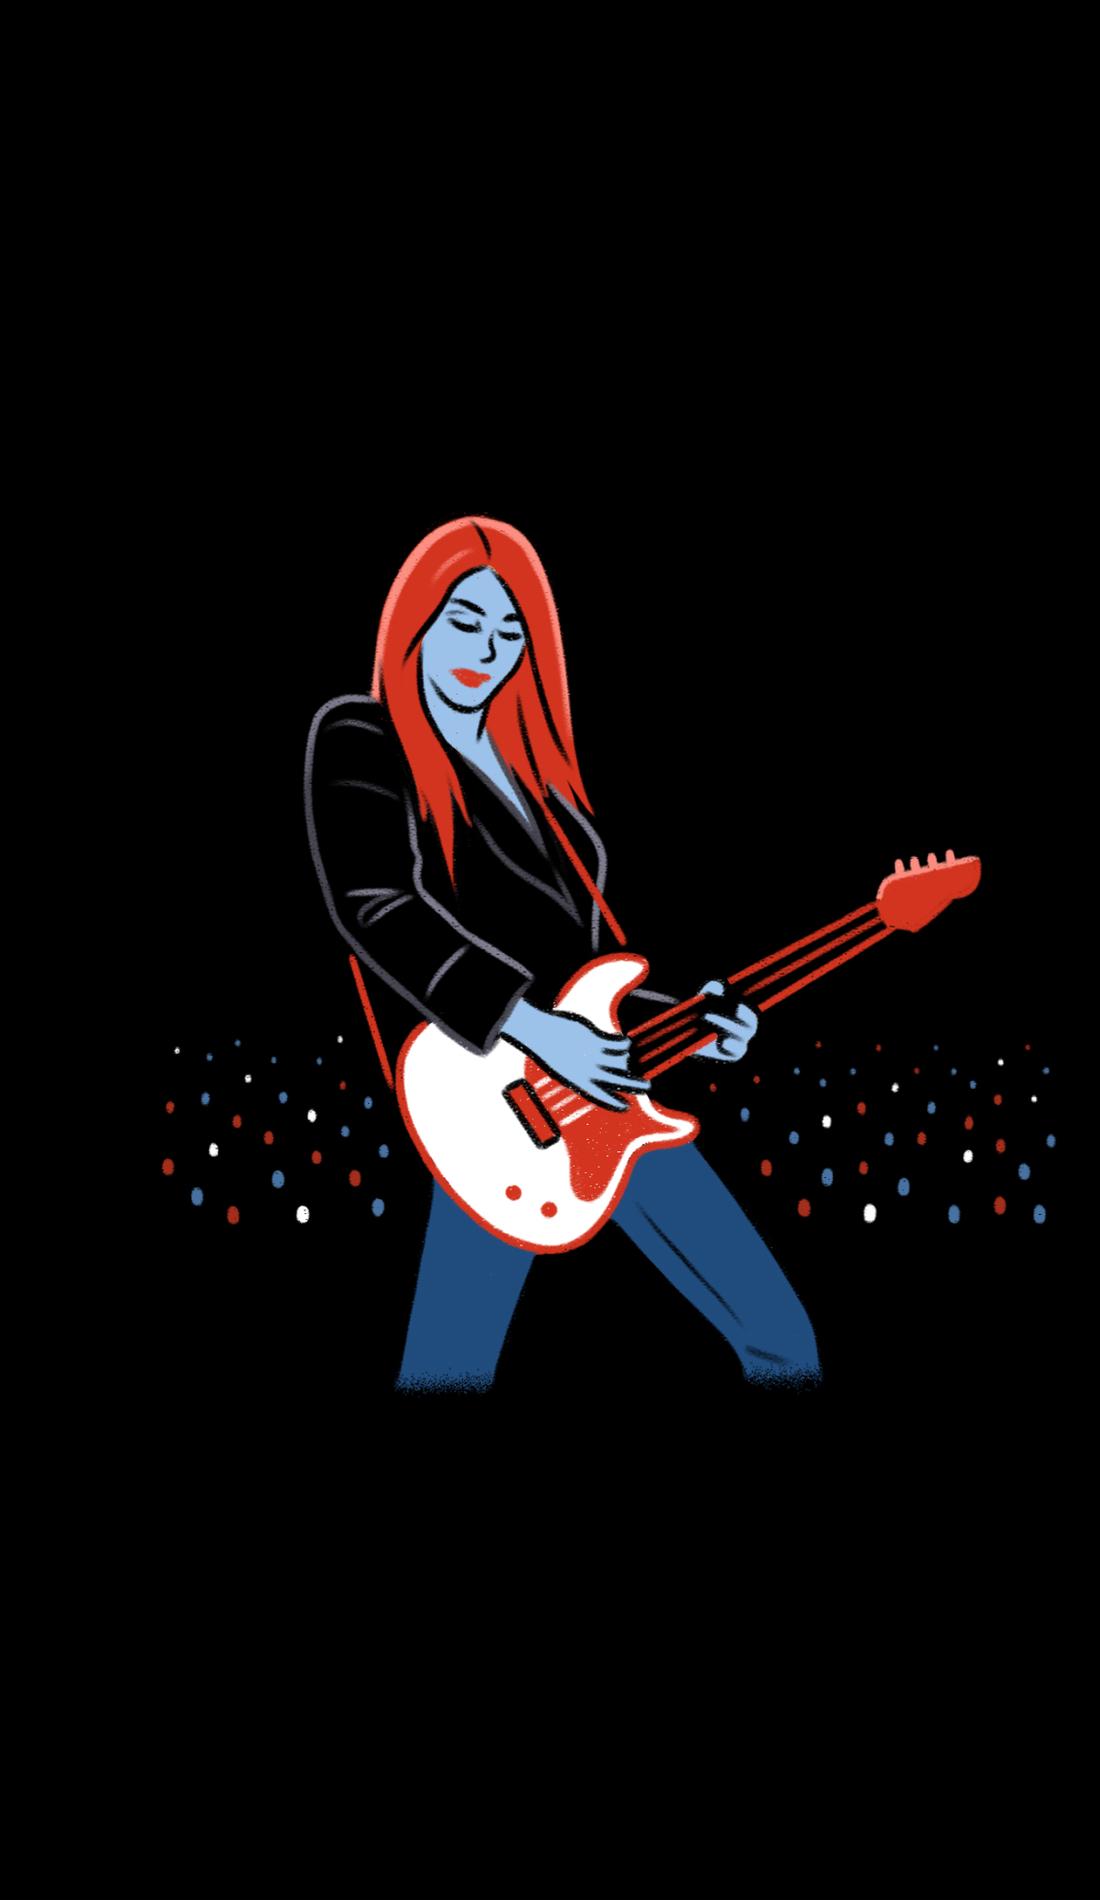 A Balkan Bump live event